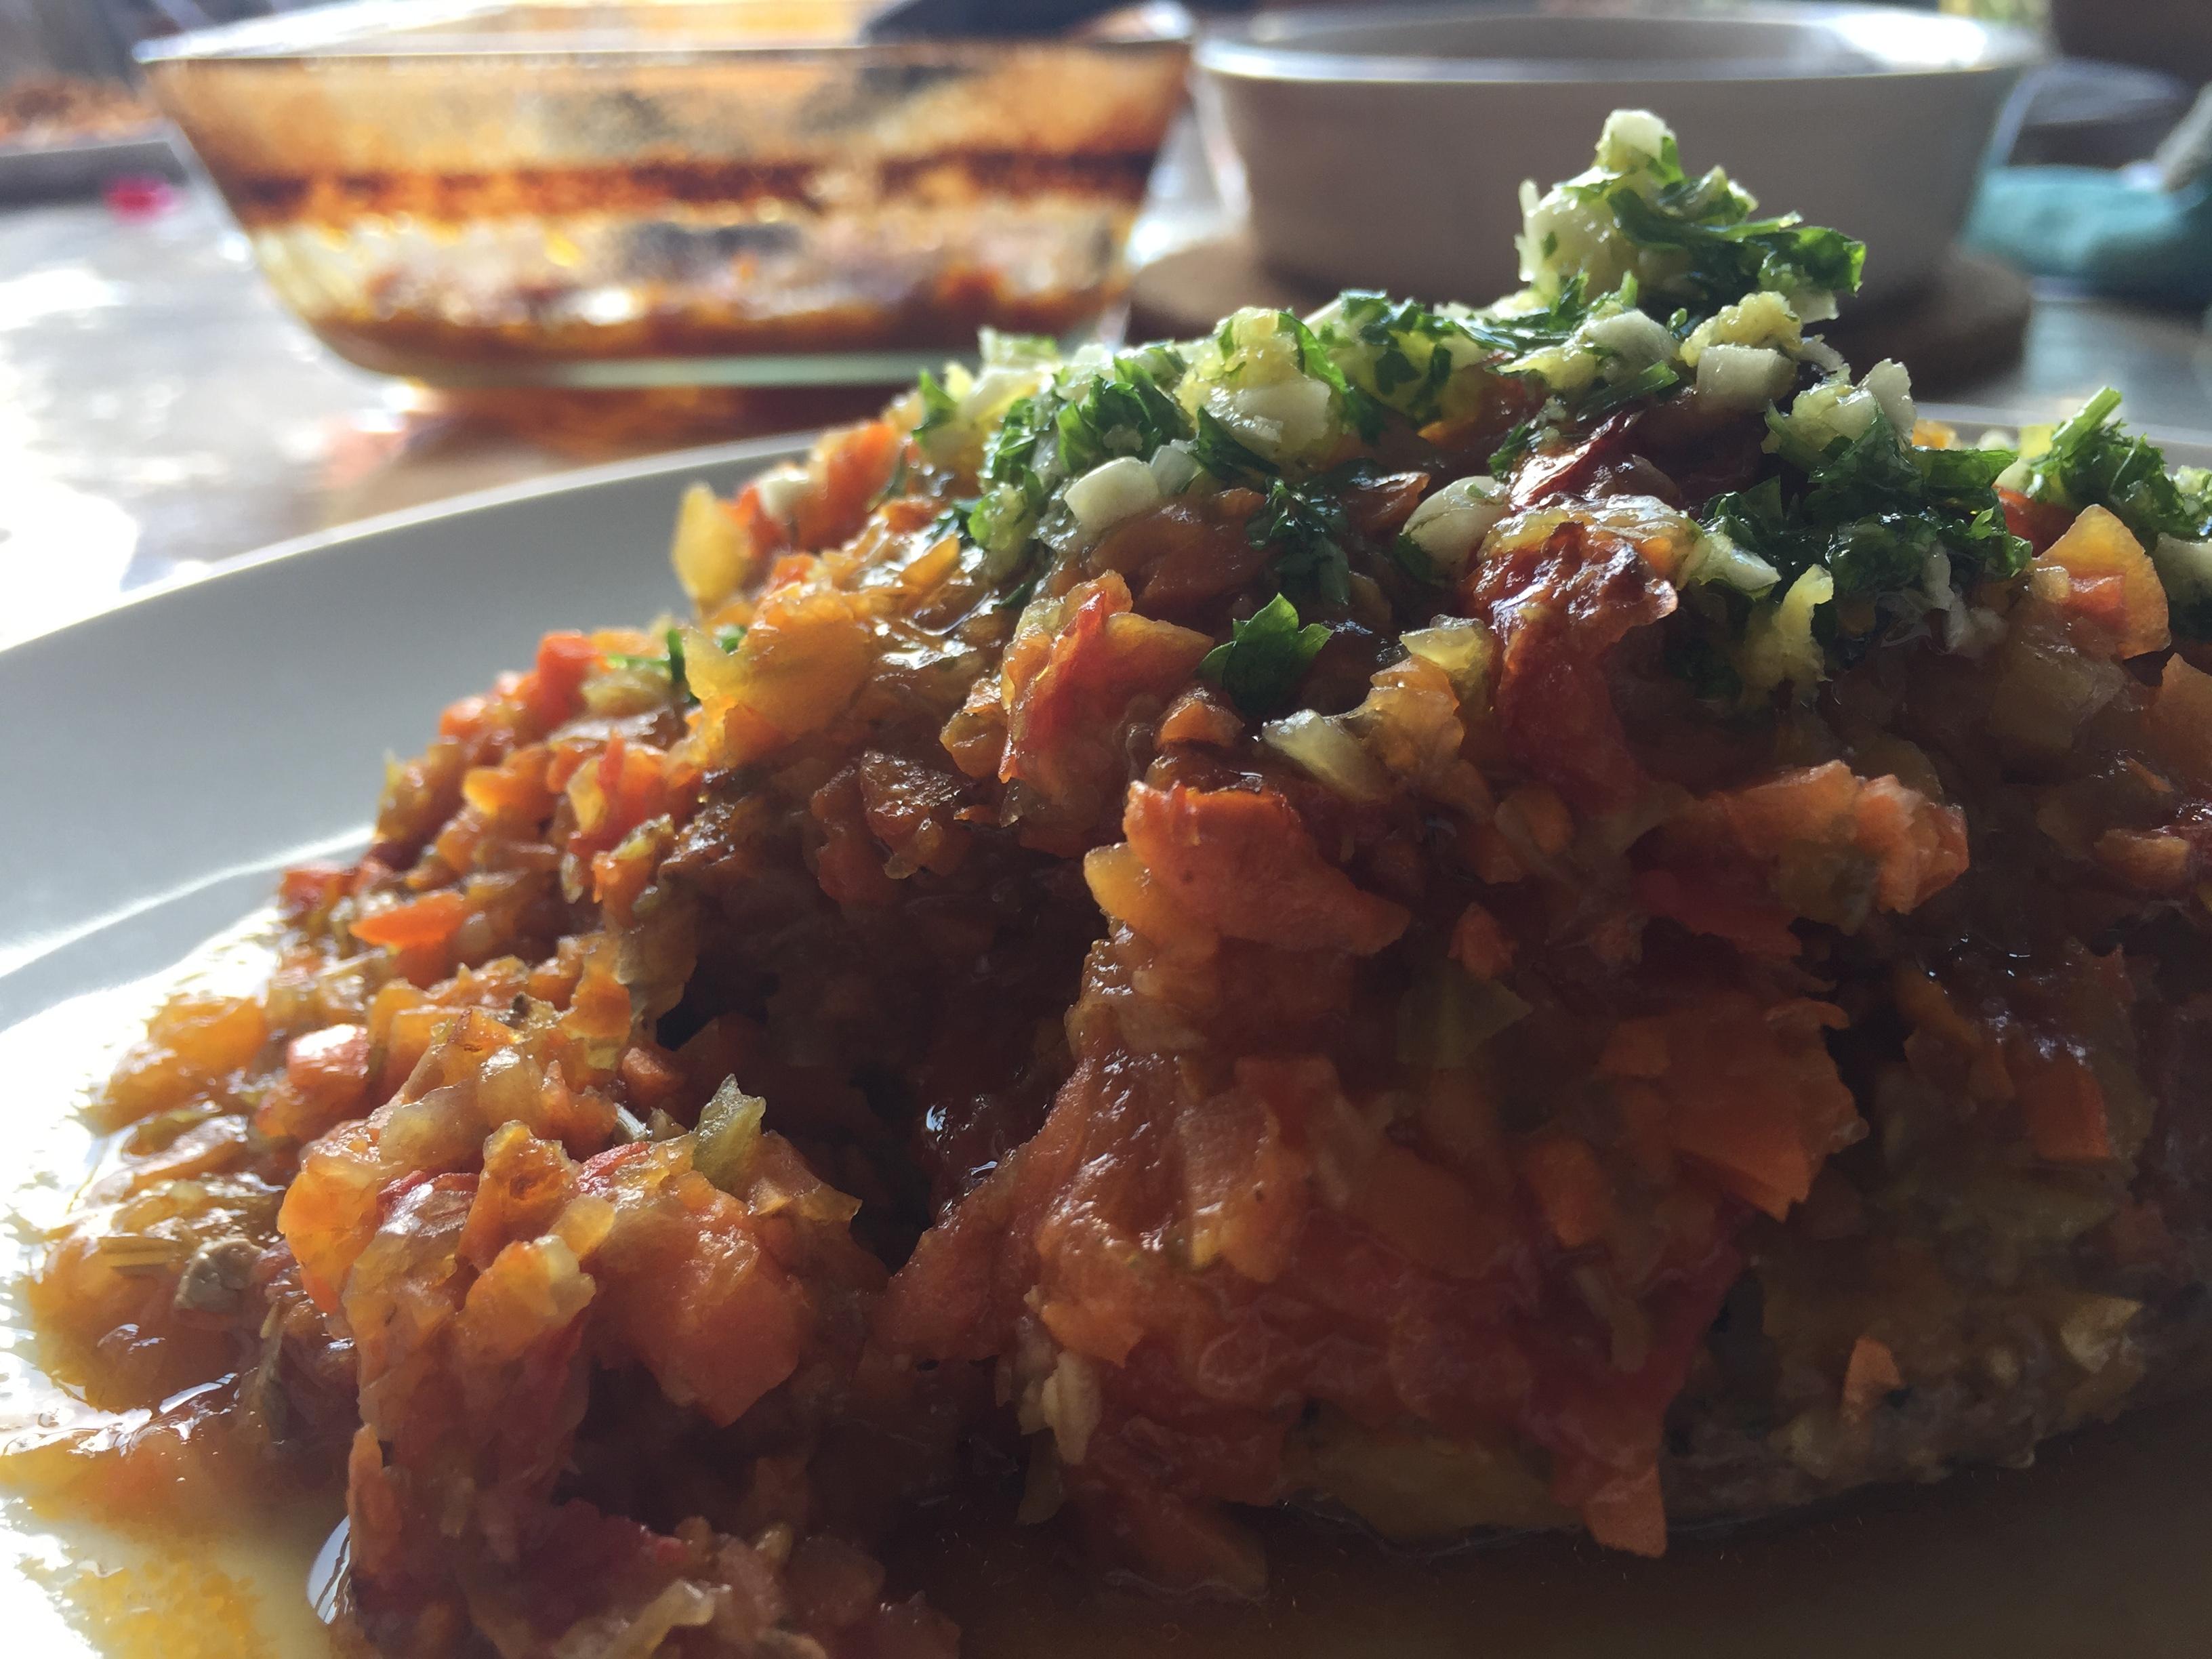 Recept voor Ossobuco Milanese, kalfsvlees op Milanese wijze